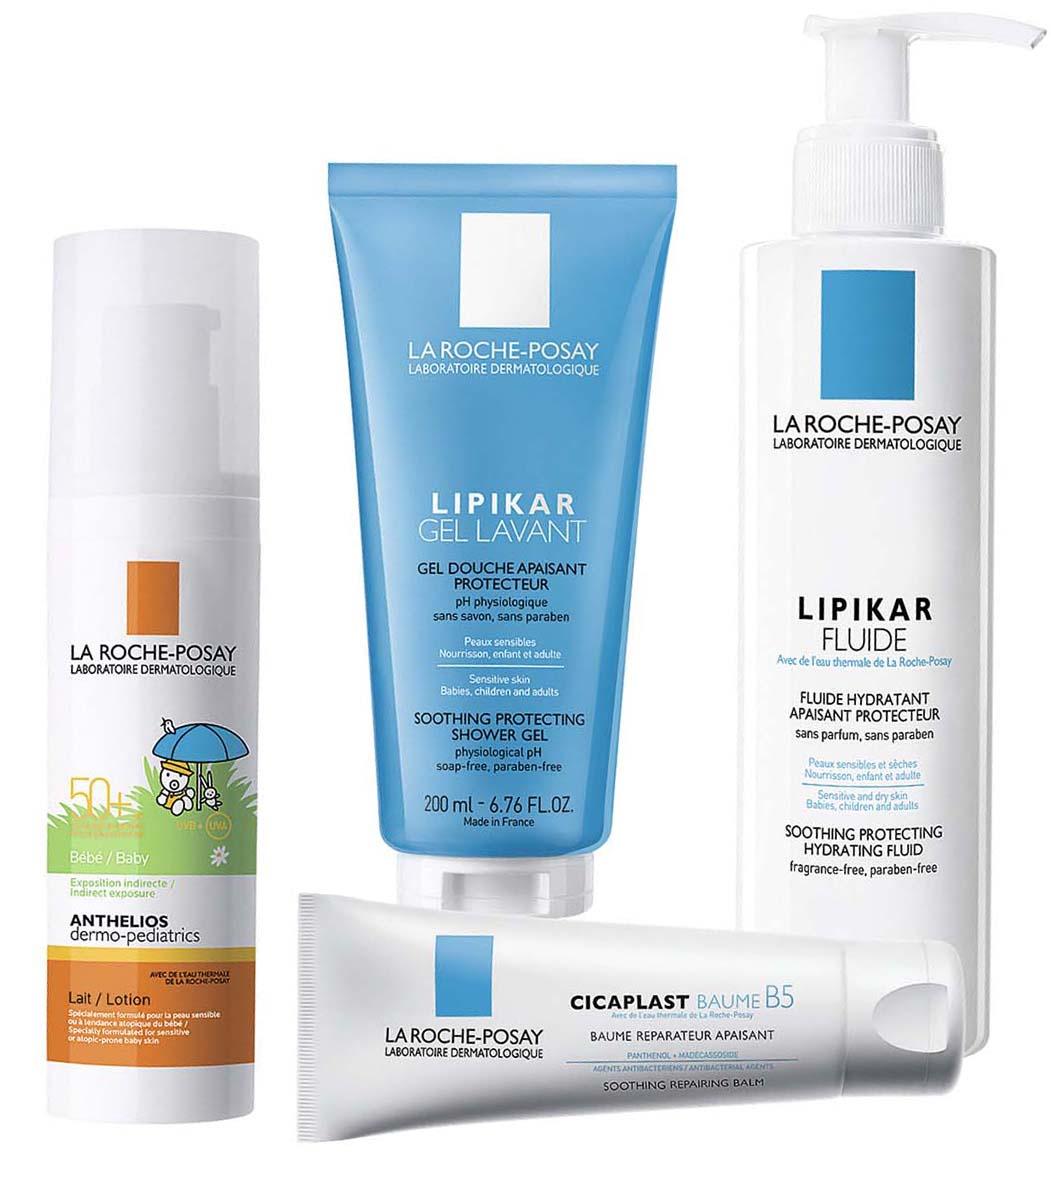 1–4. Солнцезащитное молочко для младенцев Anthelios dermo-pediatrics SPF 50+; освежающий гель для душа Lipikar Gel Lavant; увлажняющее, смягчающее и защитное средство для лица и тела (для взрослых и детей) Lipikar Fluide; мультивосстанавливающее средство для чувствительной и раздраженной кожи Cicaplast Baume B5, все – La Roche-Posay.